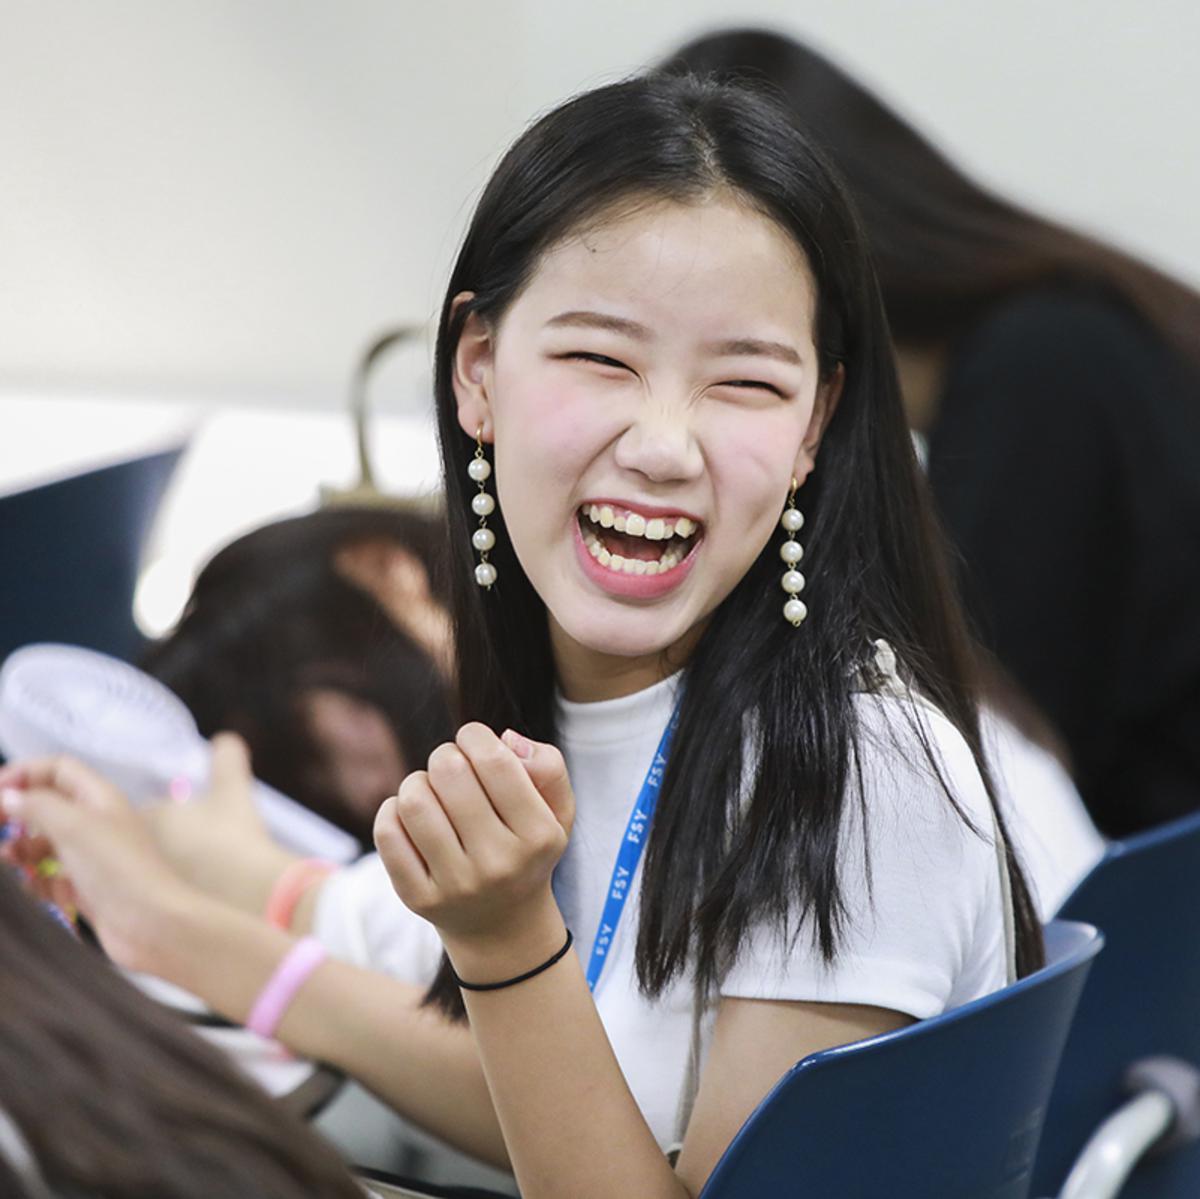 웃고 있는 청녀의 모습